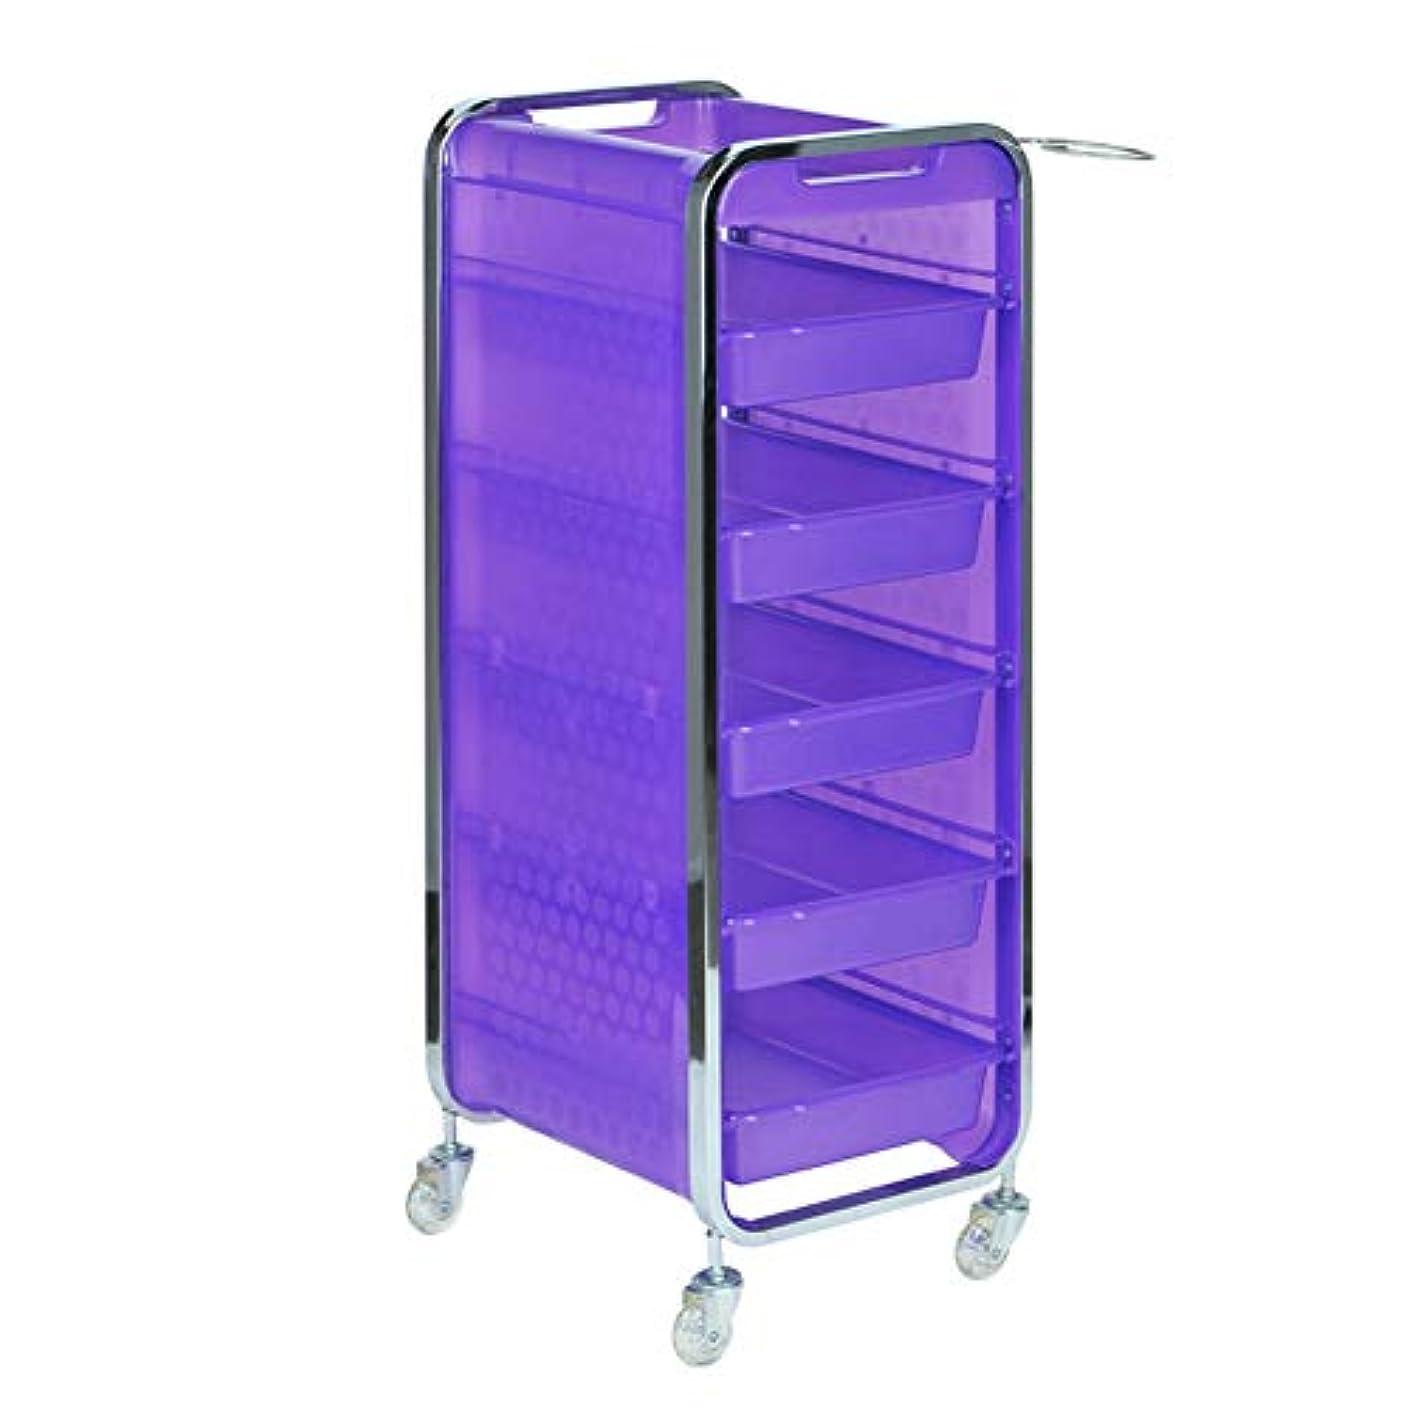 さわやかナイトスポット似ているサロン美容院トロリー美容美容収納カート6層トレイ多機能引き出し虹色,Purple,A